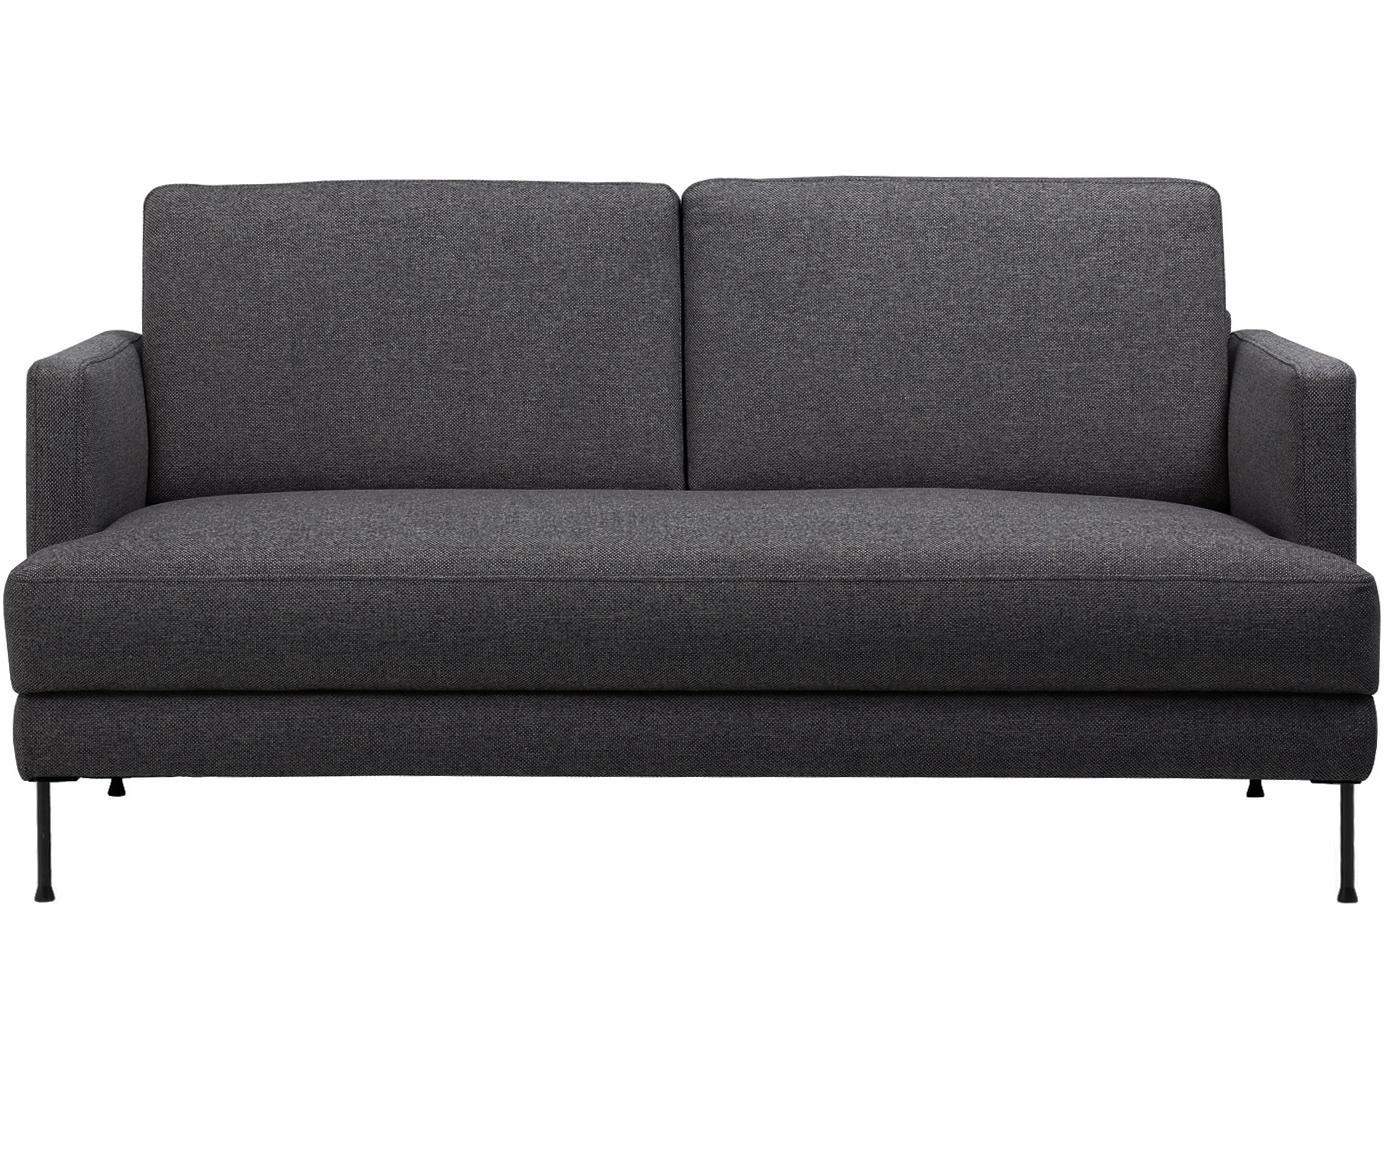 Sofa Fluente (2-Sitzer), Bezug: Polyester 45.000 Scheuert, Gestell: Holz, Webstoff Dunkelgrau, 168 x 85 cm